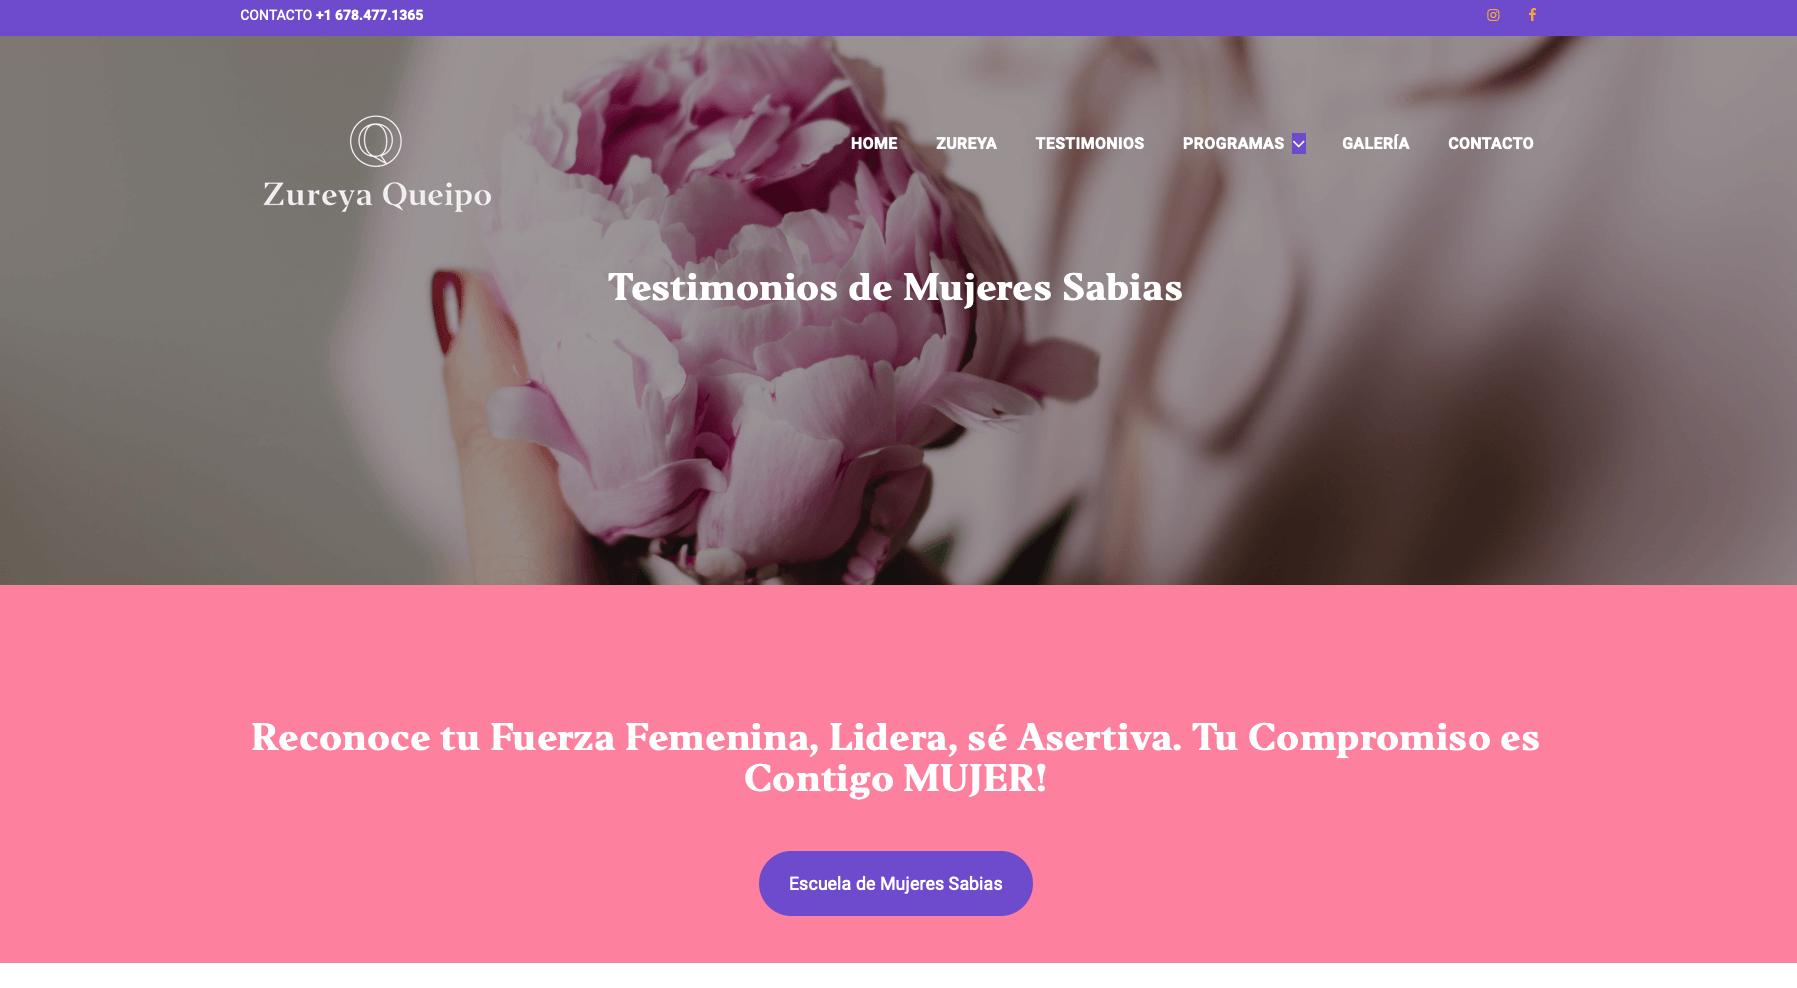 Zureya Queipo Mujeres Sabias